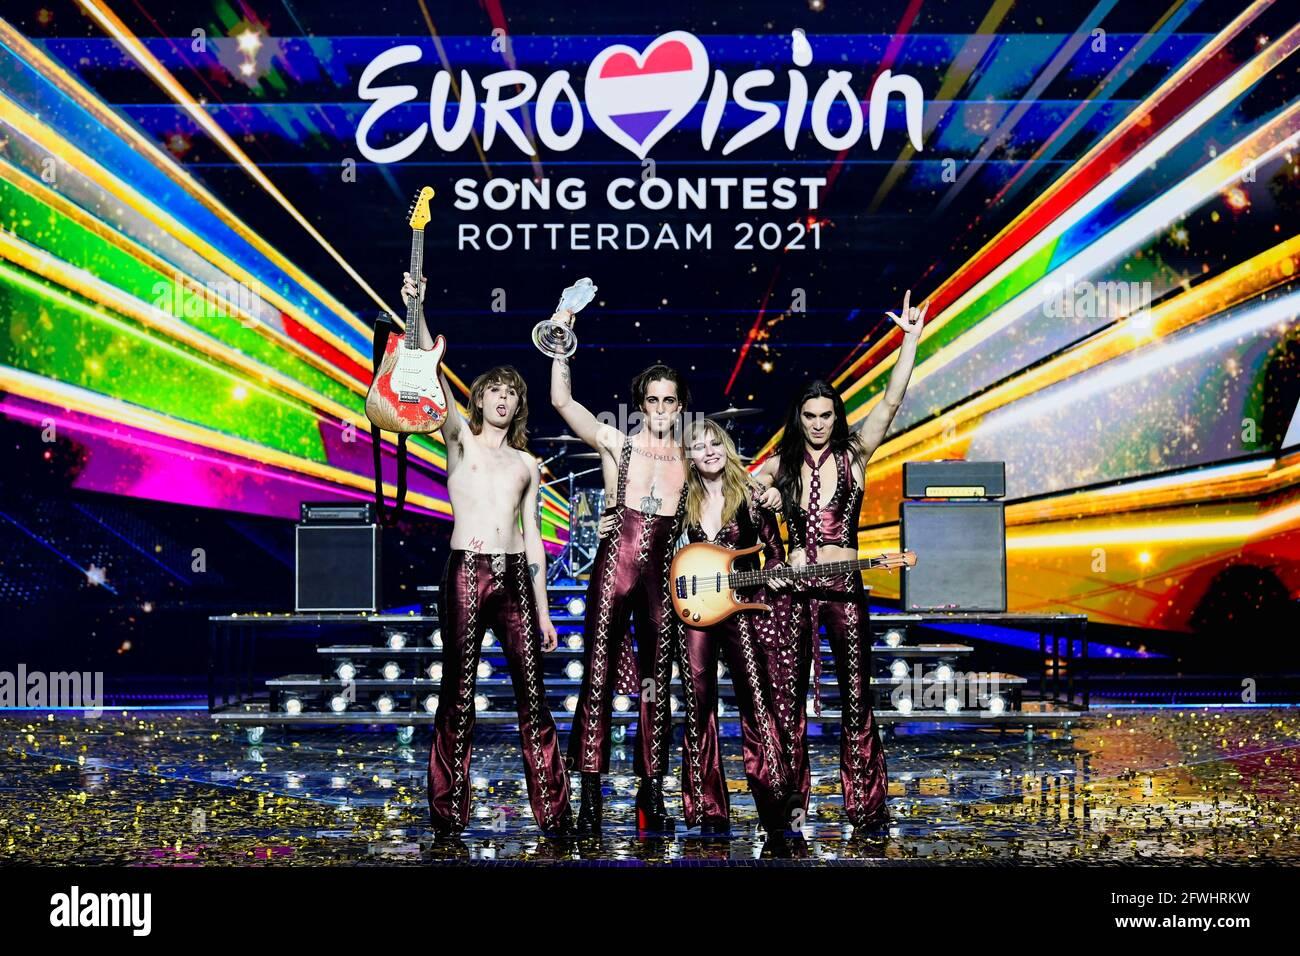 Maneskin Italia si presenta sul palco dopo aver vinto il Concorso Eurovisione Song 2021 a Rotterdam, Olanda, 23 maggio 2021. REUTERS/Piroschka van de Wouw Foto Stock